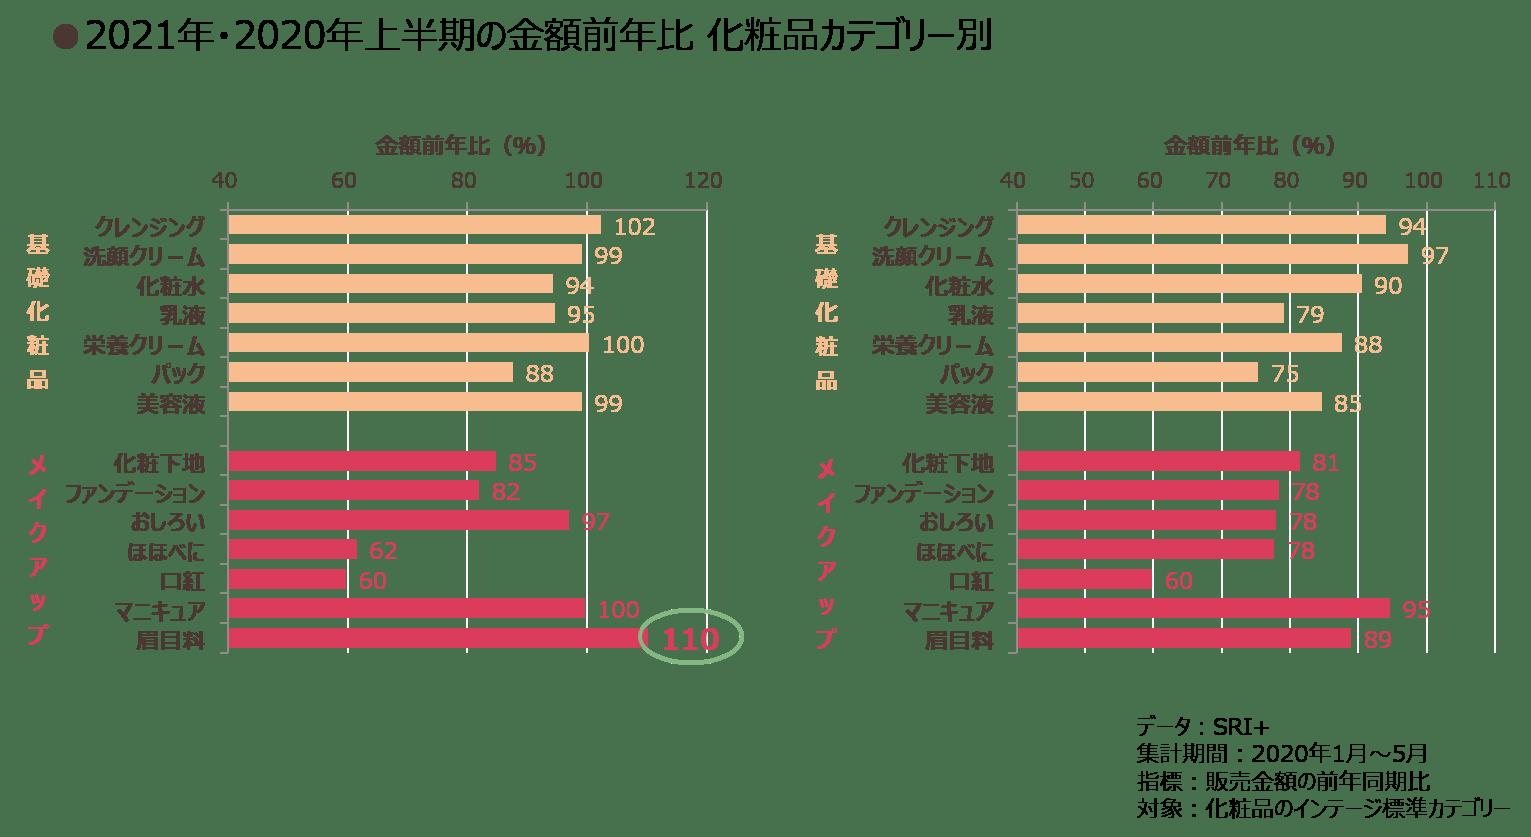 2021kamiki-ranking-2_03.png